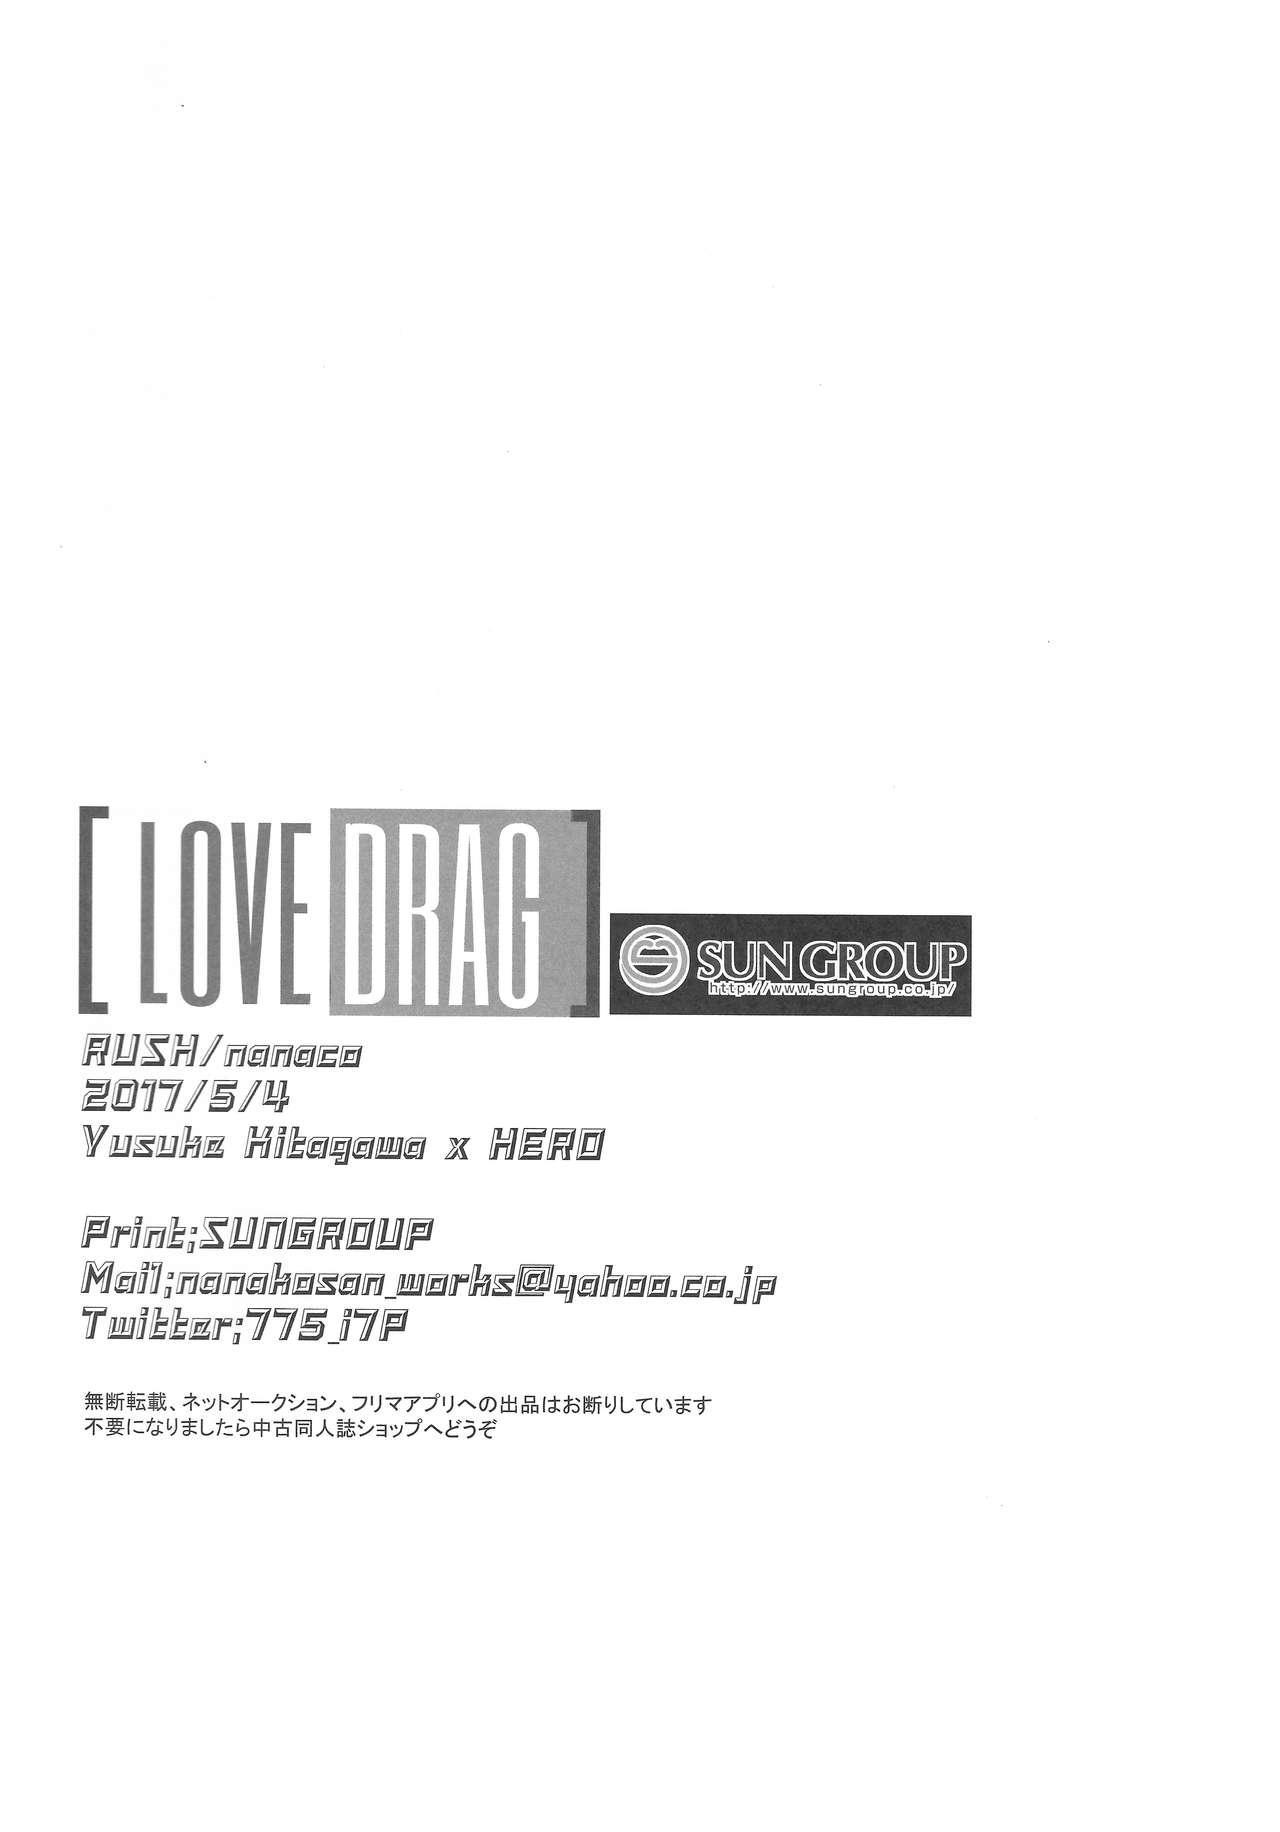 LOVEDRAG 20